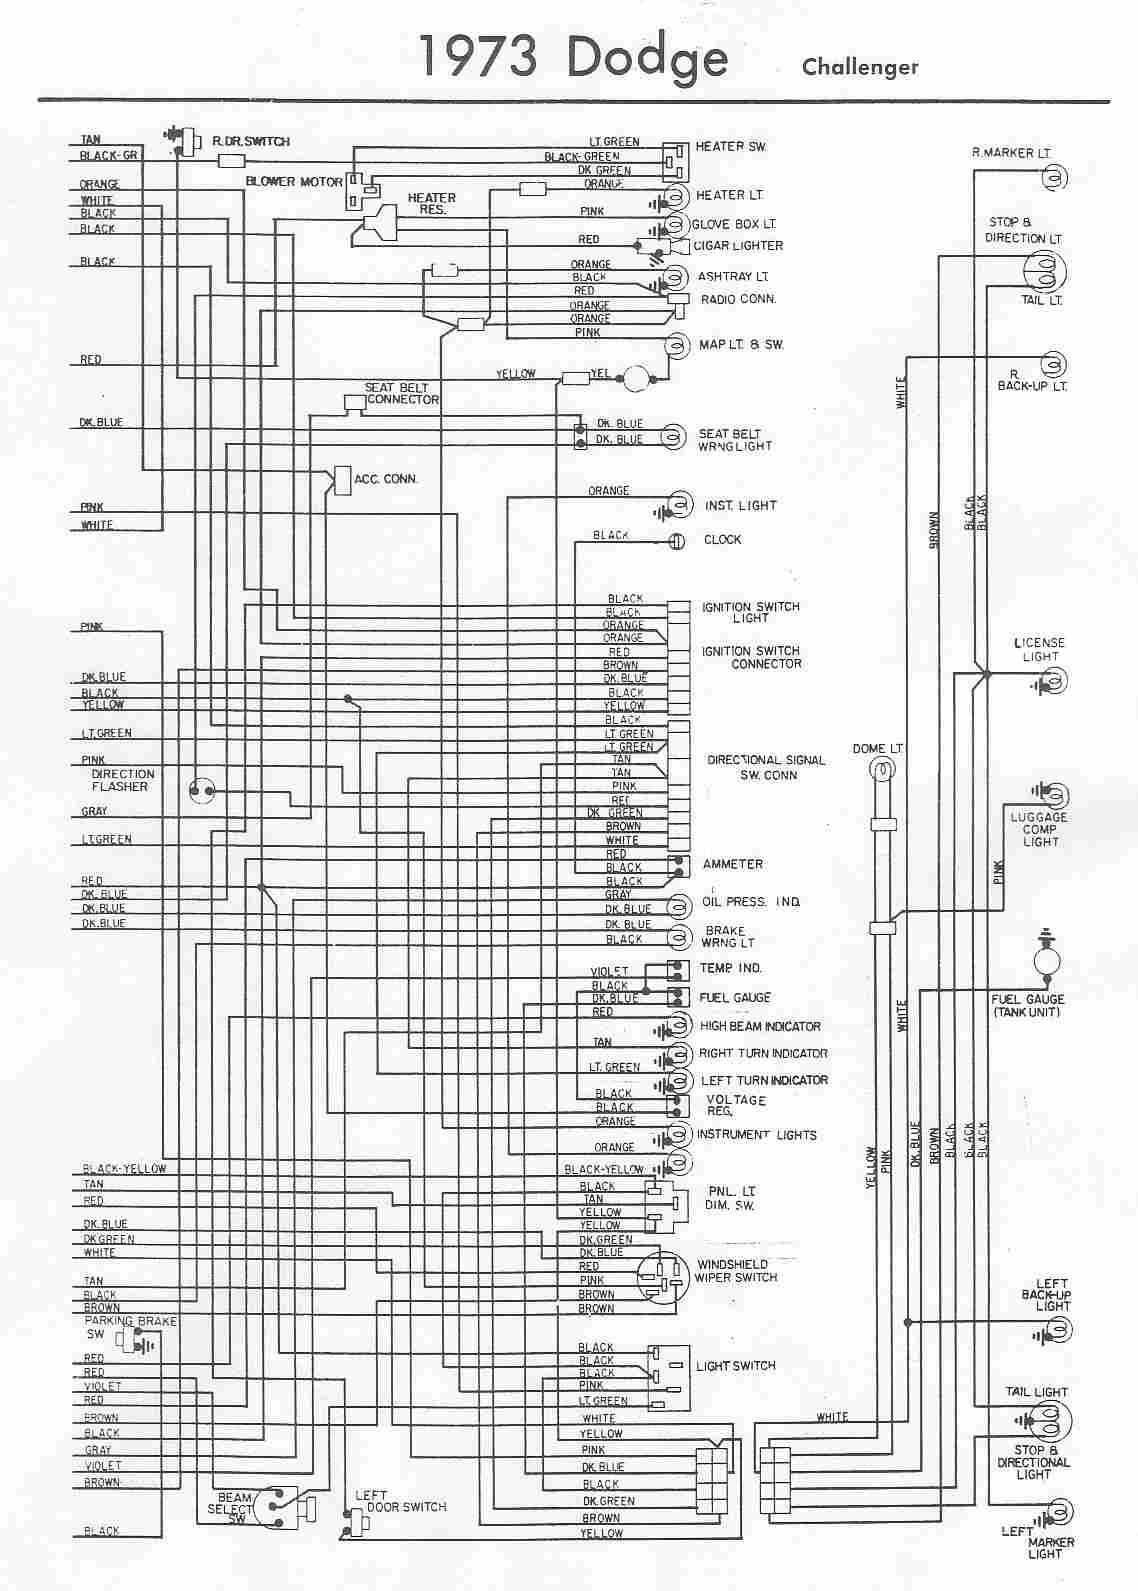 74 charger wiring diagrams - 2011 ford ranger wiring diagrams -  2006cruisers.yenpancane.jeanjaures37.fr  wiring diagram resource